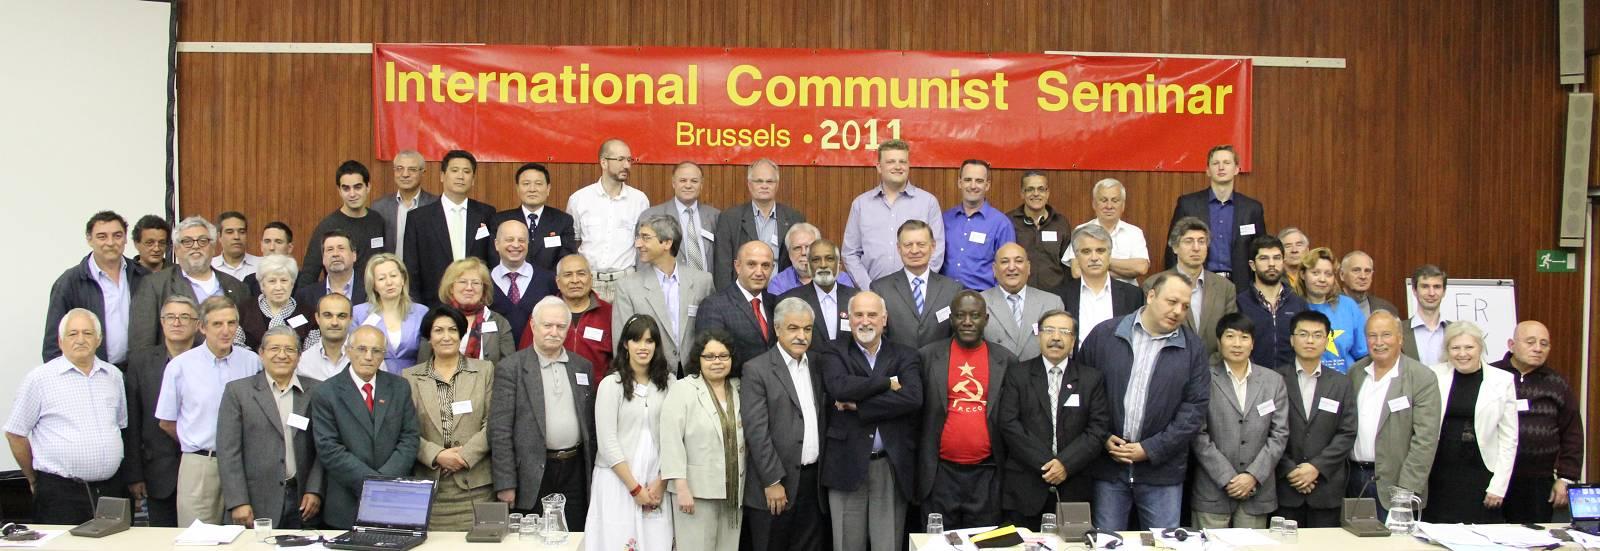 Gruppenfoto vor Transparent: »International Communist Seminar Brussels 2011«.